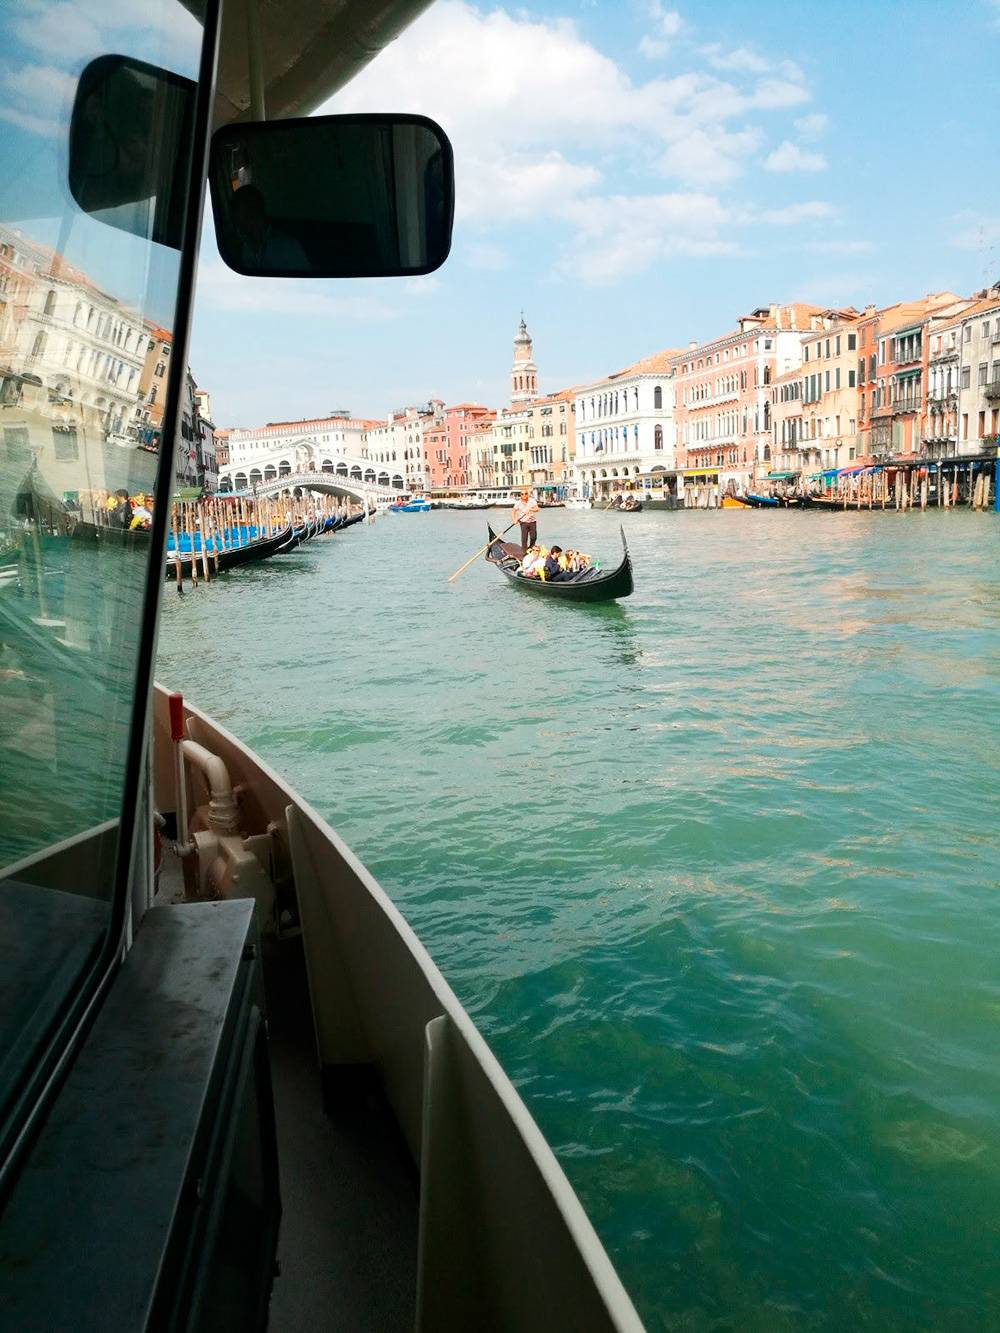 Поездка на водном трамвае вапоретто по Гранд-каналу обошлась в 7,5€ (532<span class=ruble>Р</span>). Какие виды открываются на город с воды!